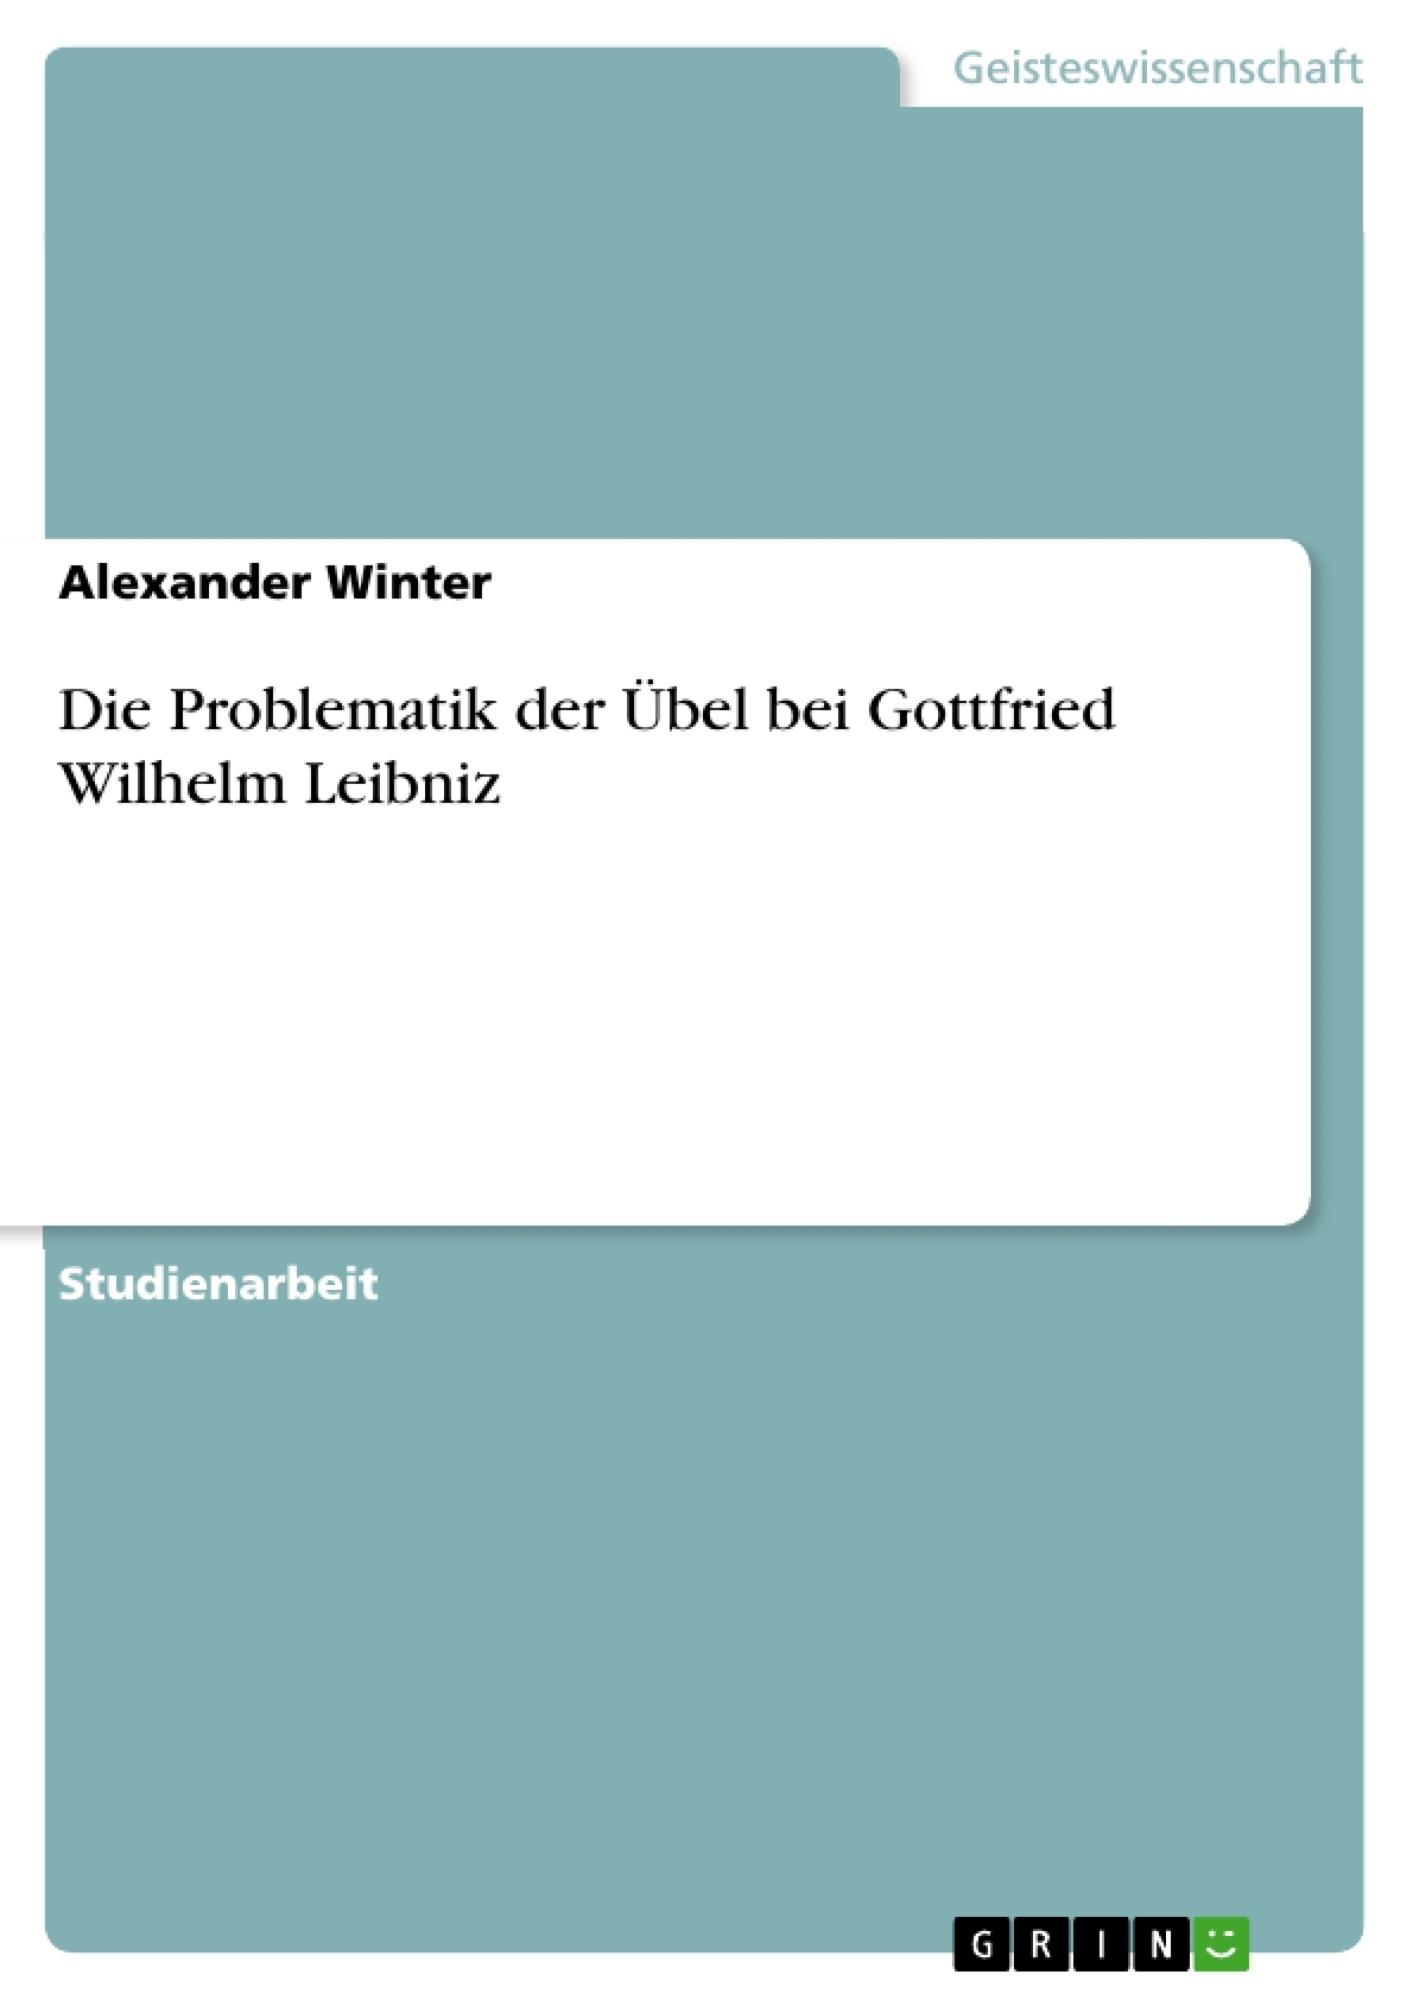 Titel: Die Problematik der Übel bei Gottfried Wilhelm Leibniz